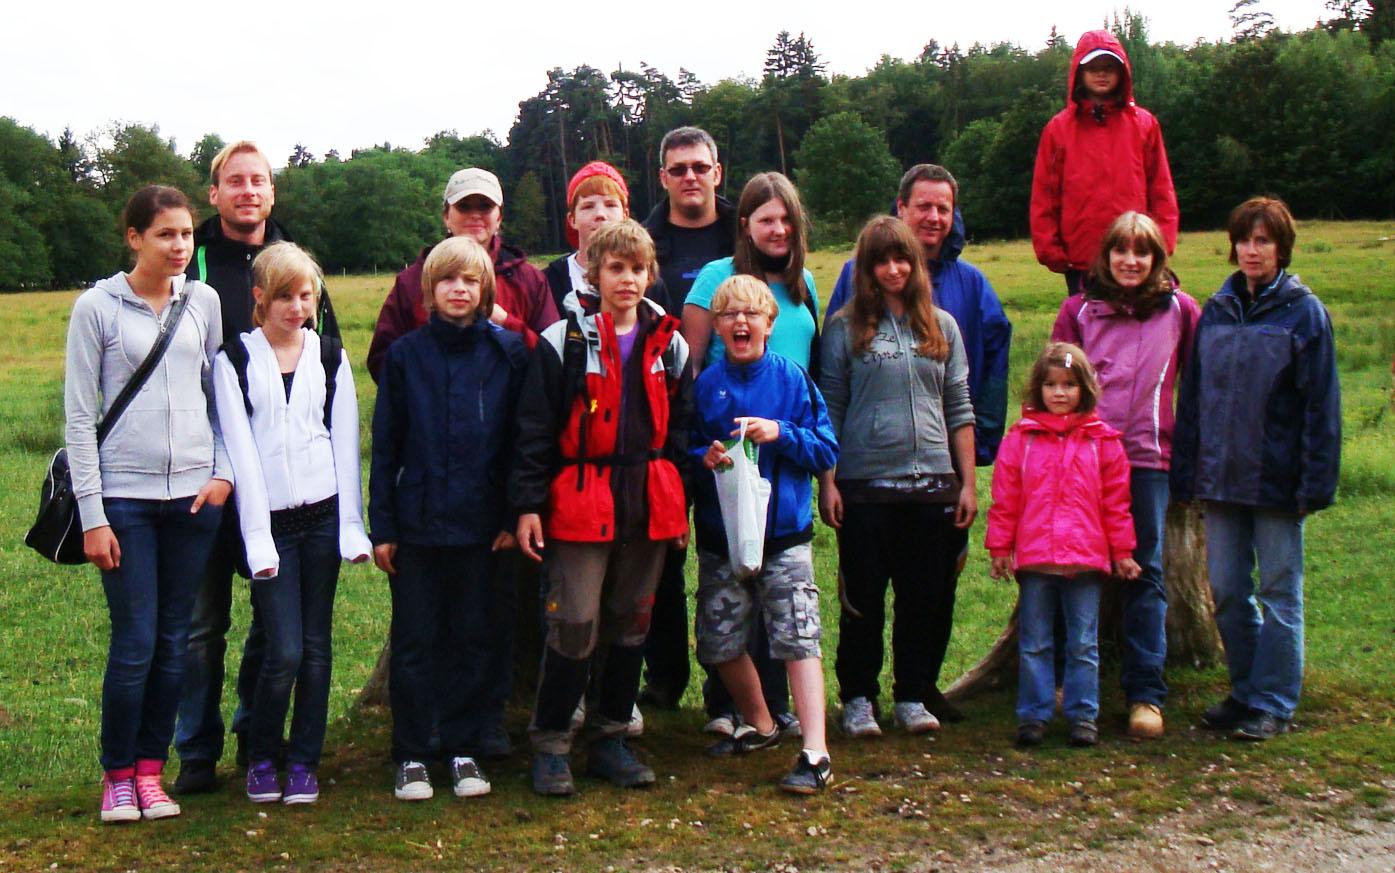 Das Sommerzeltlager beim Ausflug im Hochwildschutzpark Rheinböllen